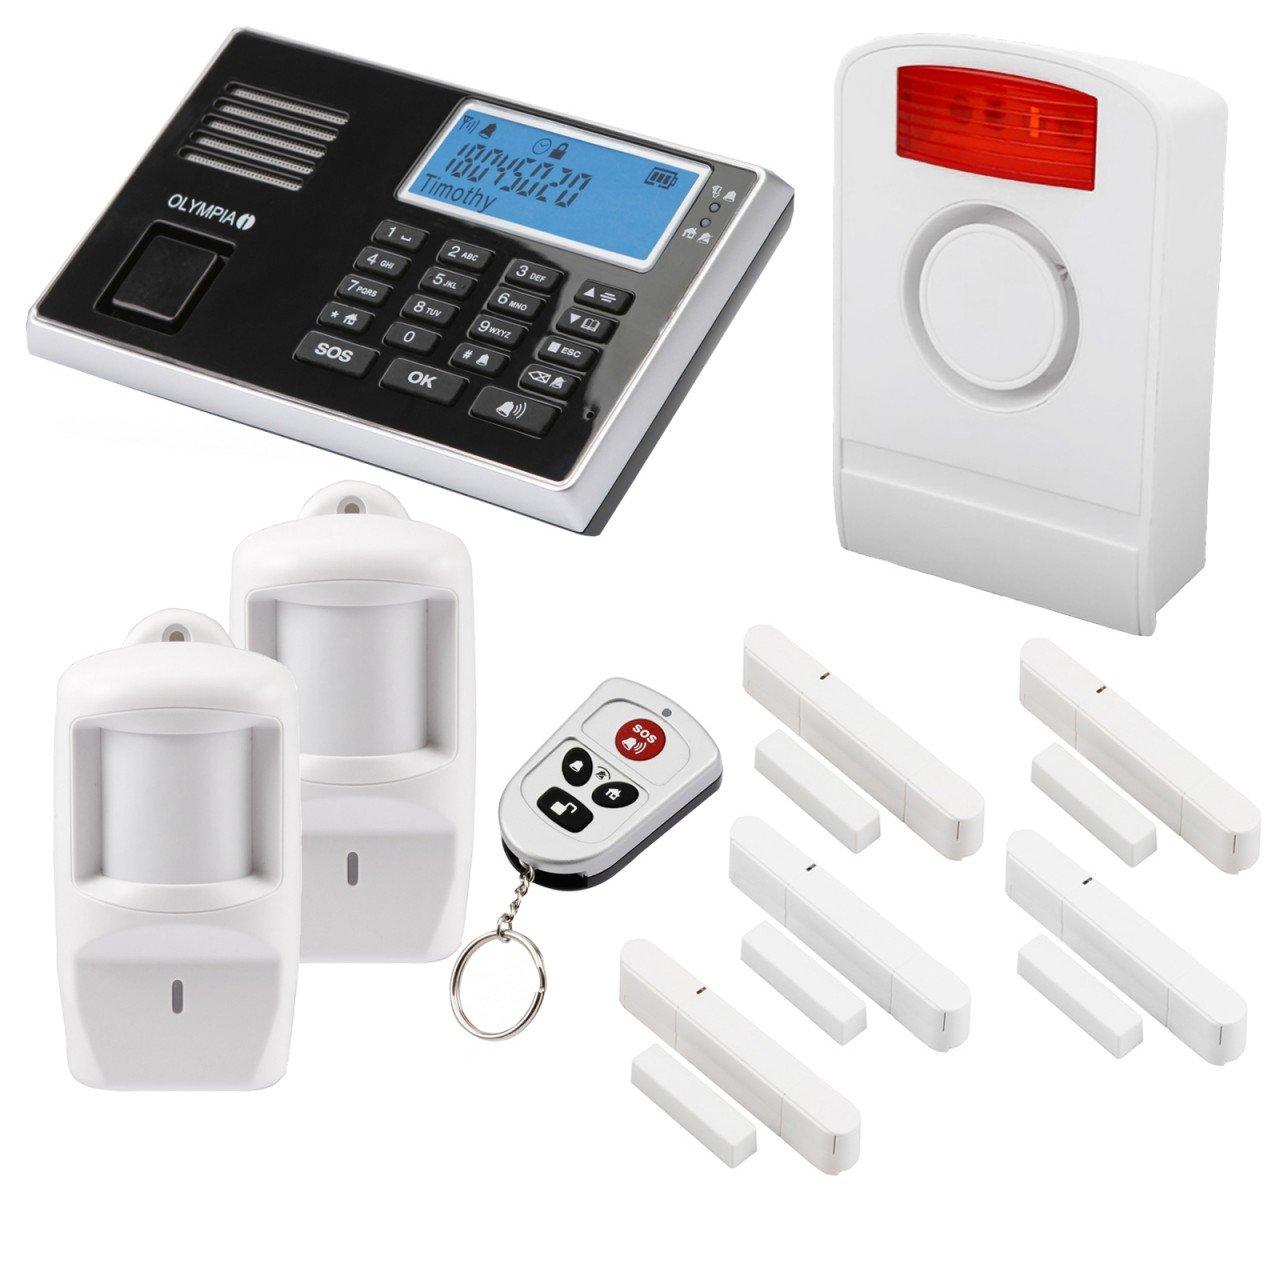 Olympia 9061 - Sistema de seguridad (1 sirena exterior, 5 sensores para ventanas y puertas, 2 sensores de movimiento): Amazon.es: Oficina y papelería